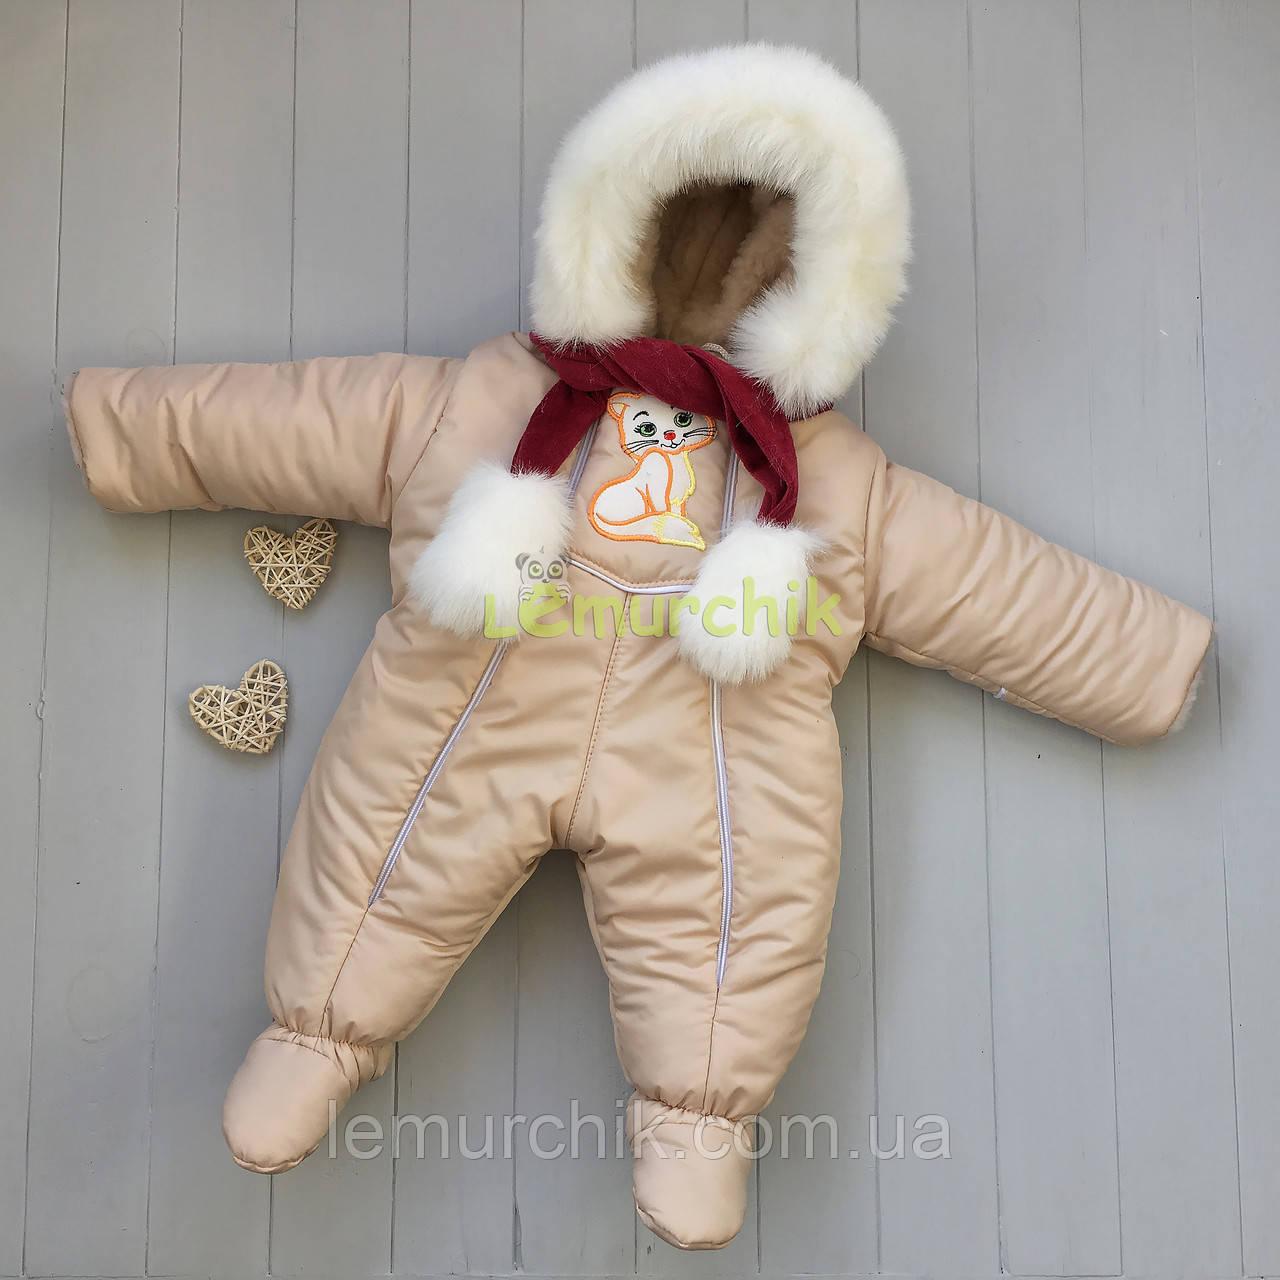 Комбинезон детский теплый на меху с капюшоном бежевый 0-5 месяцев